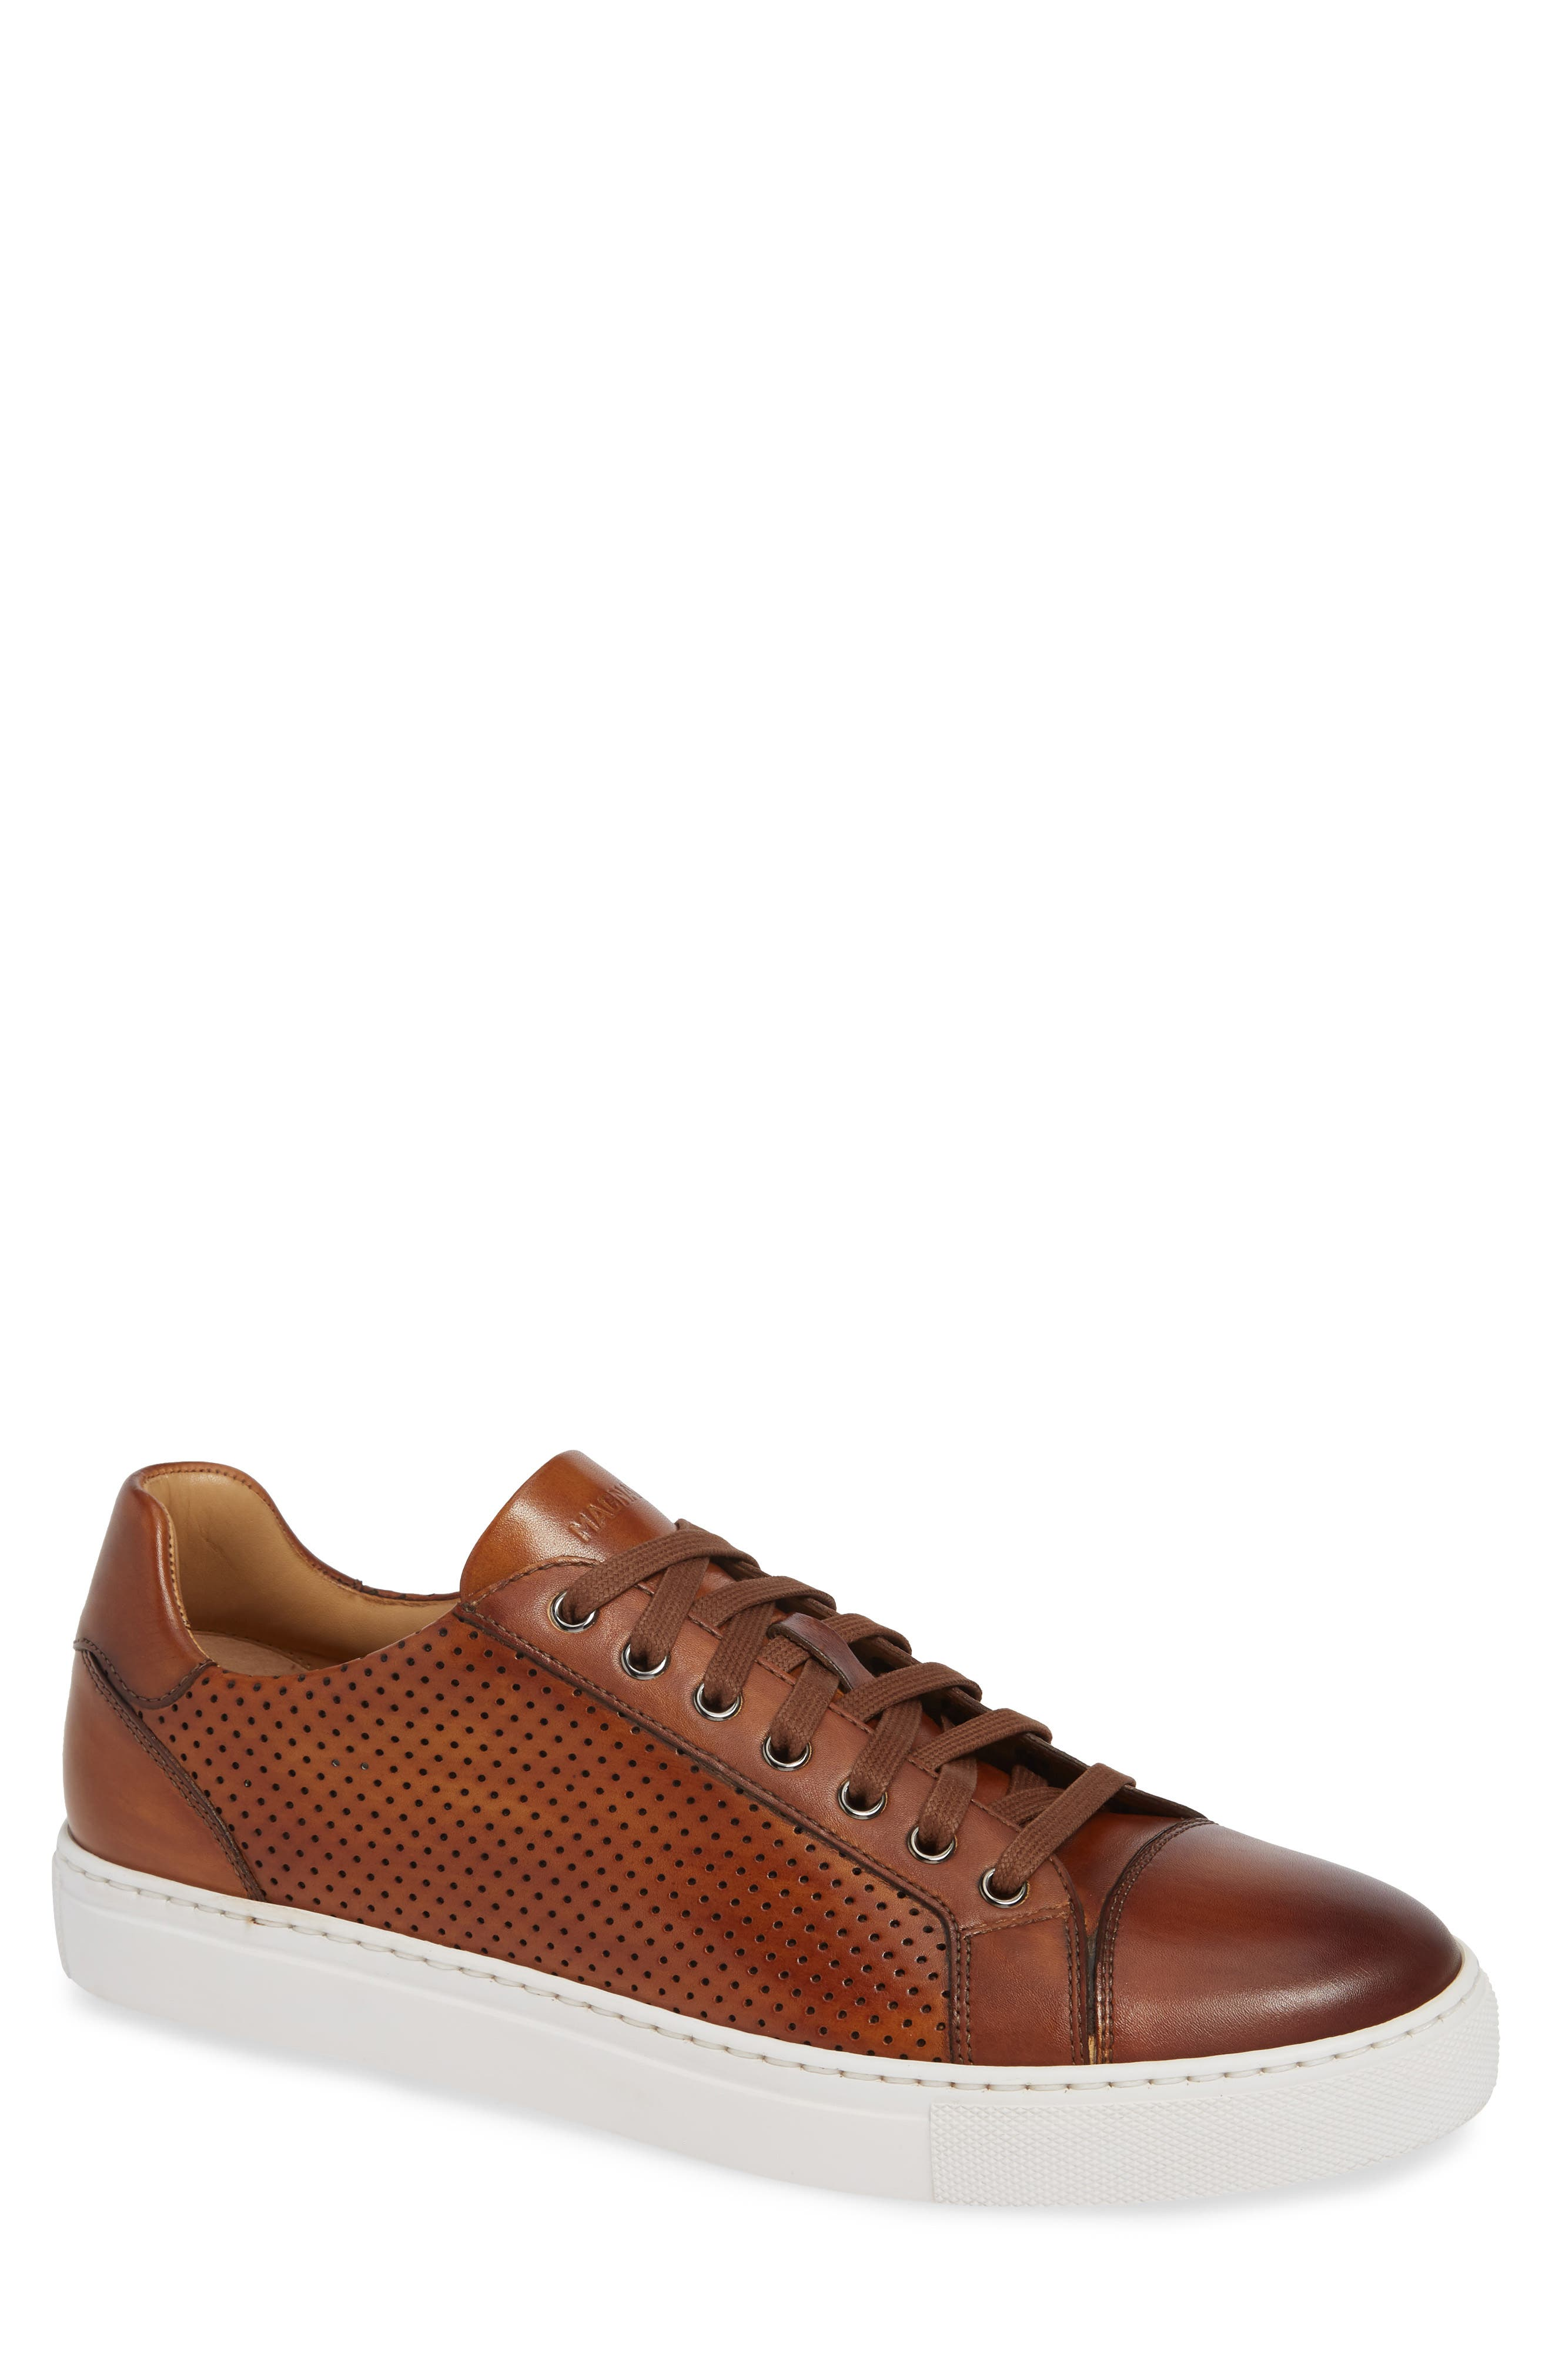 Jackson Sneaker,                         Main,                         color, COGNAC LEATHER